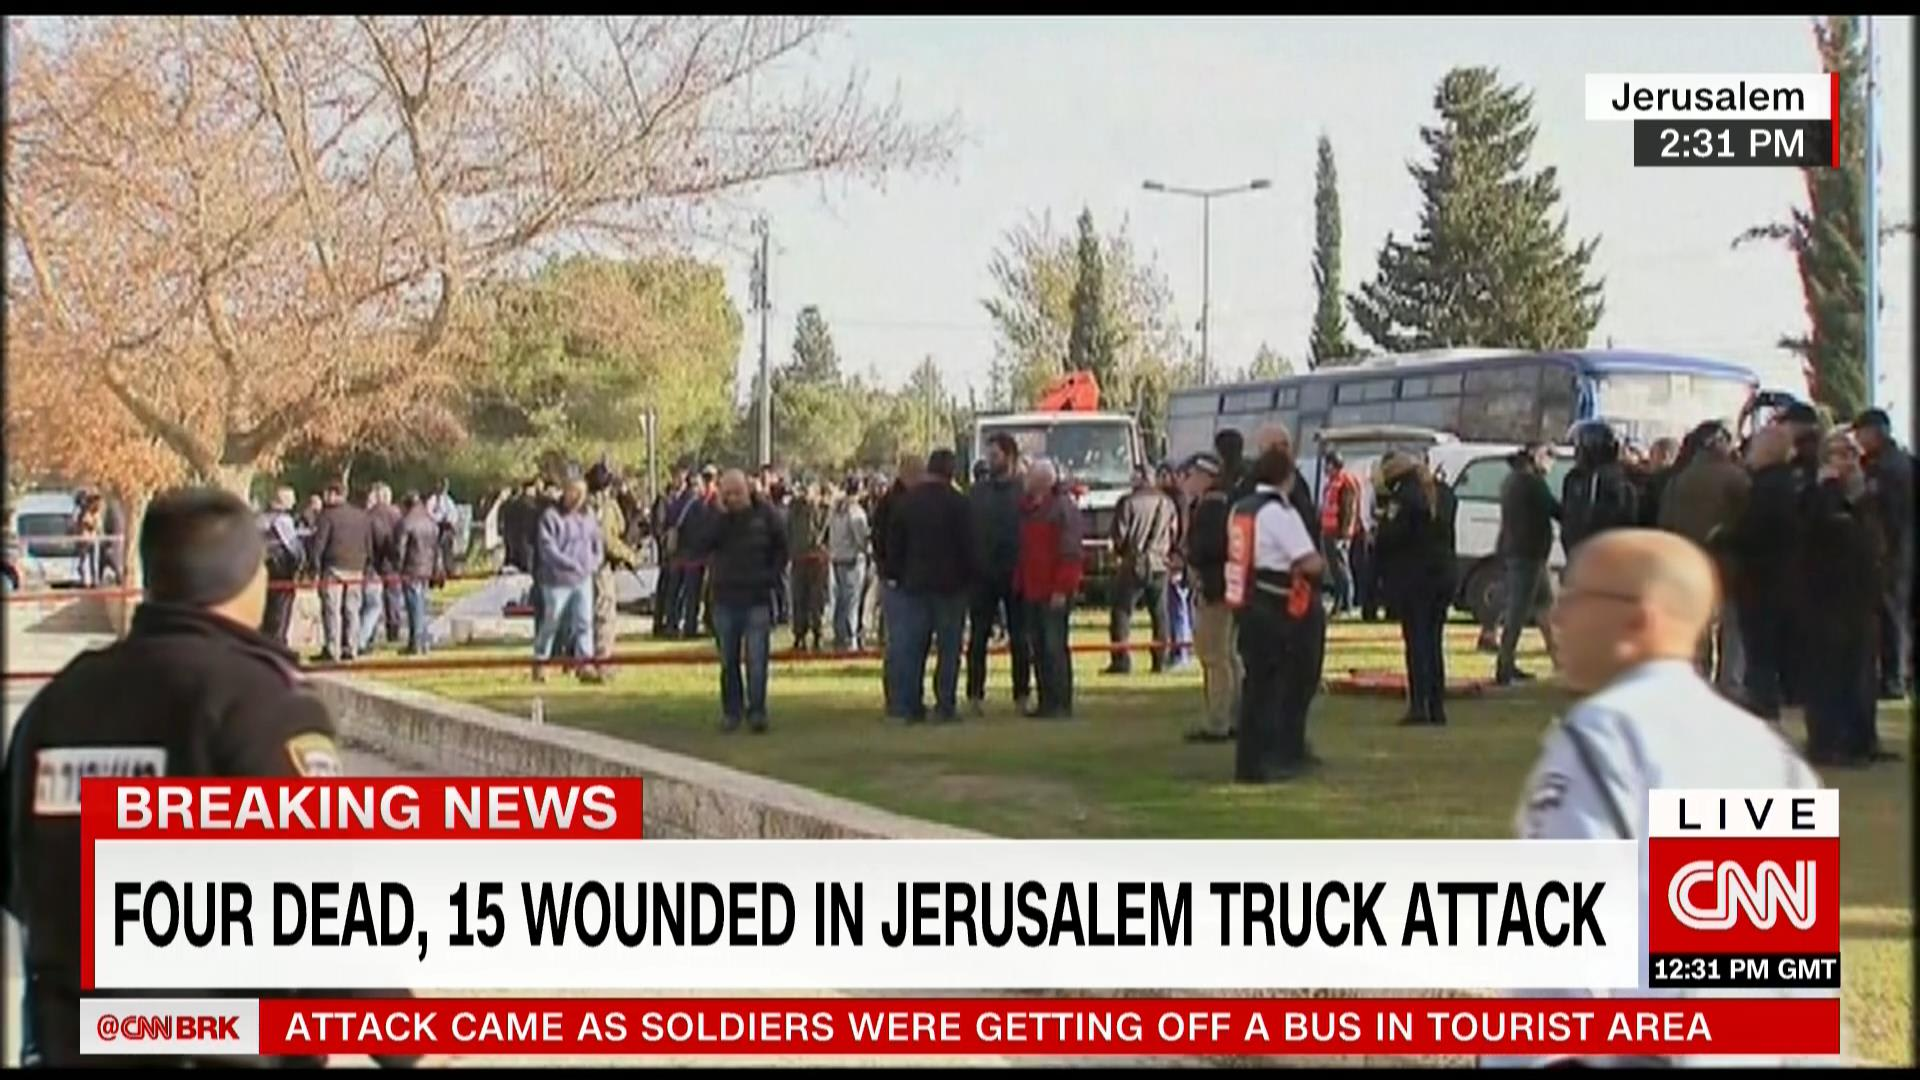 سقوط قتلى وجرحى بهجوم دهس بشاحنة في القدس